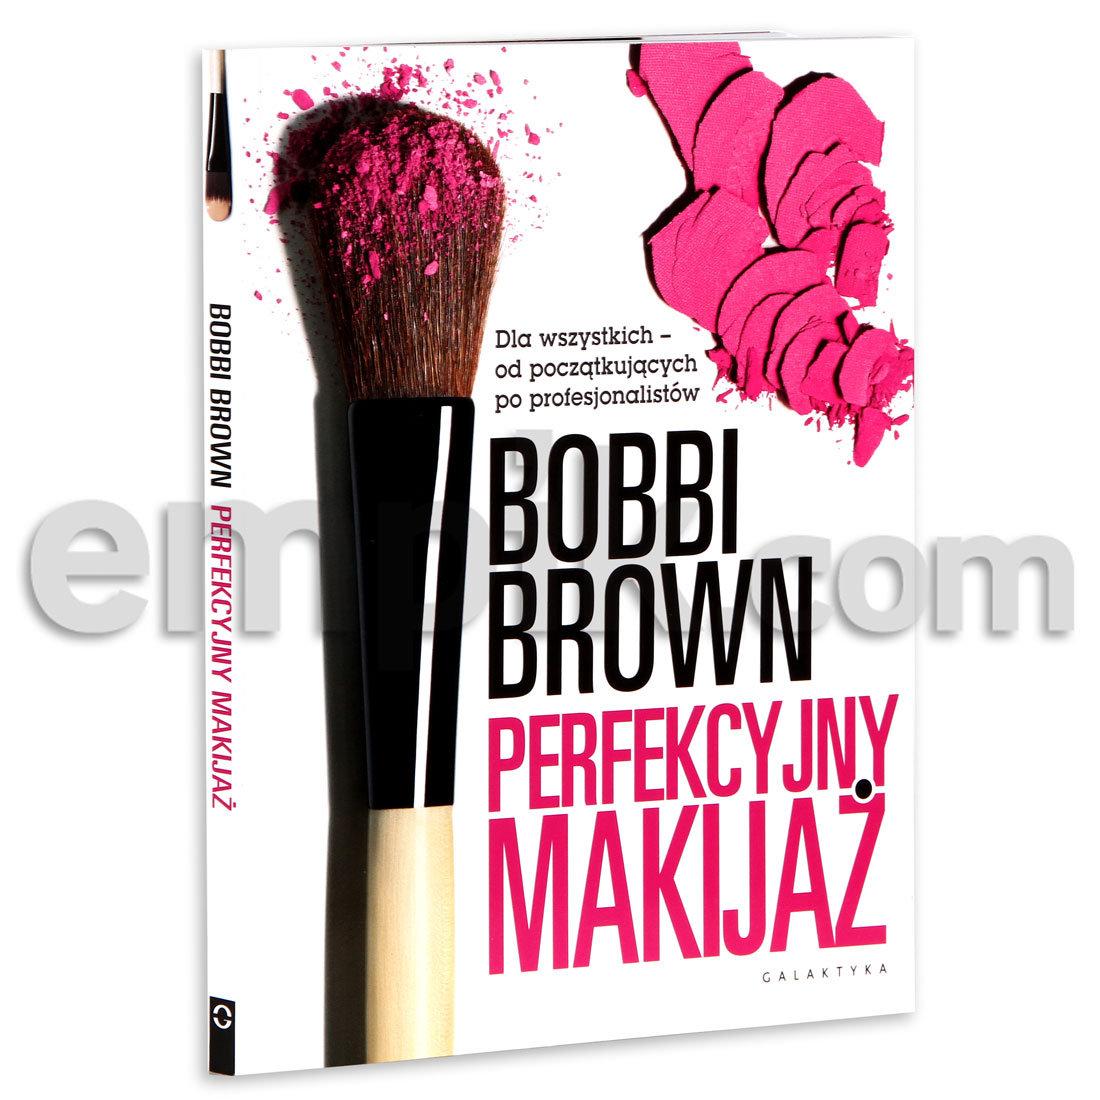 Do bobbi brown do makeovers